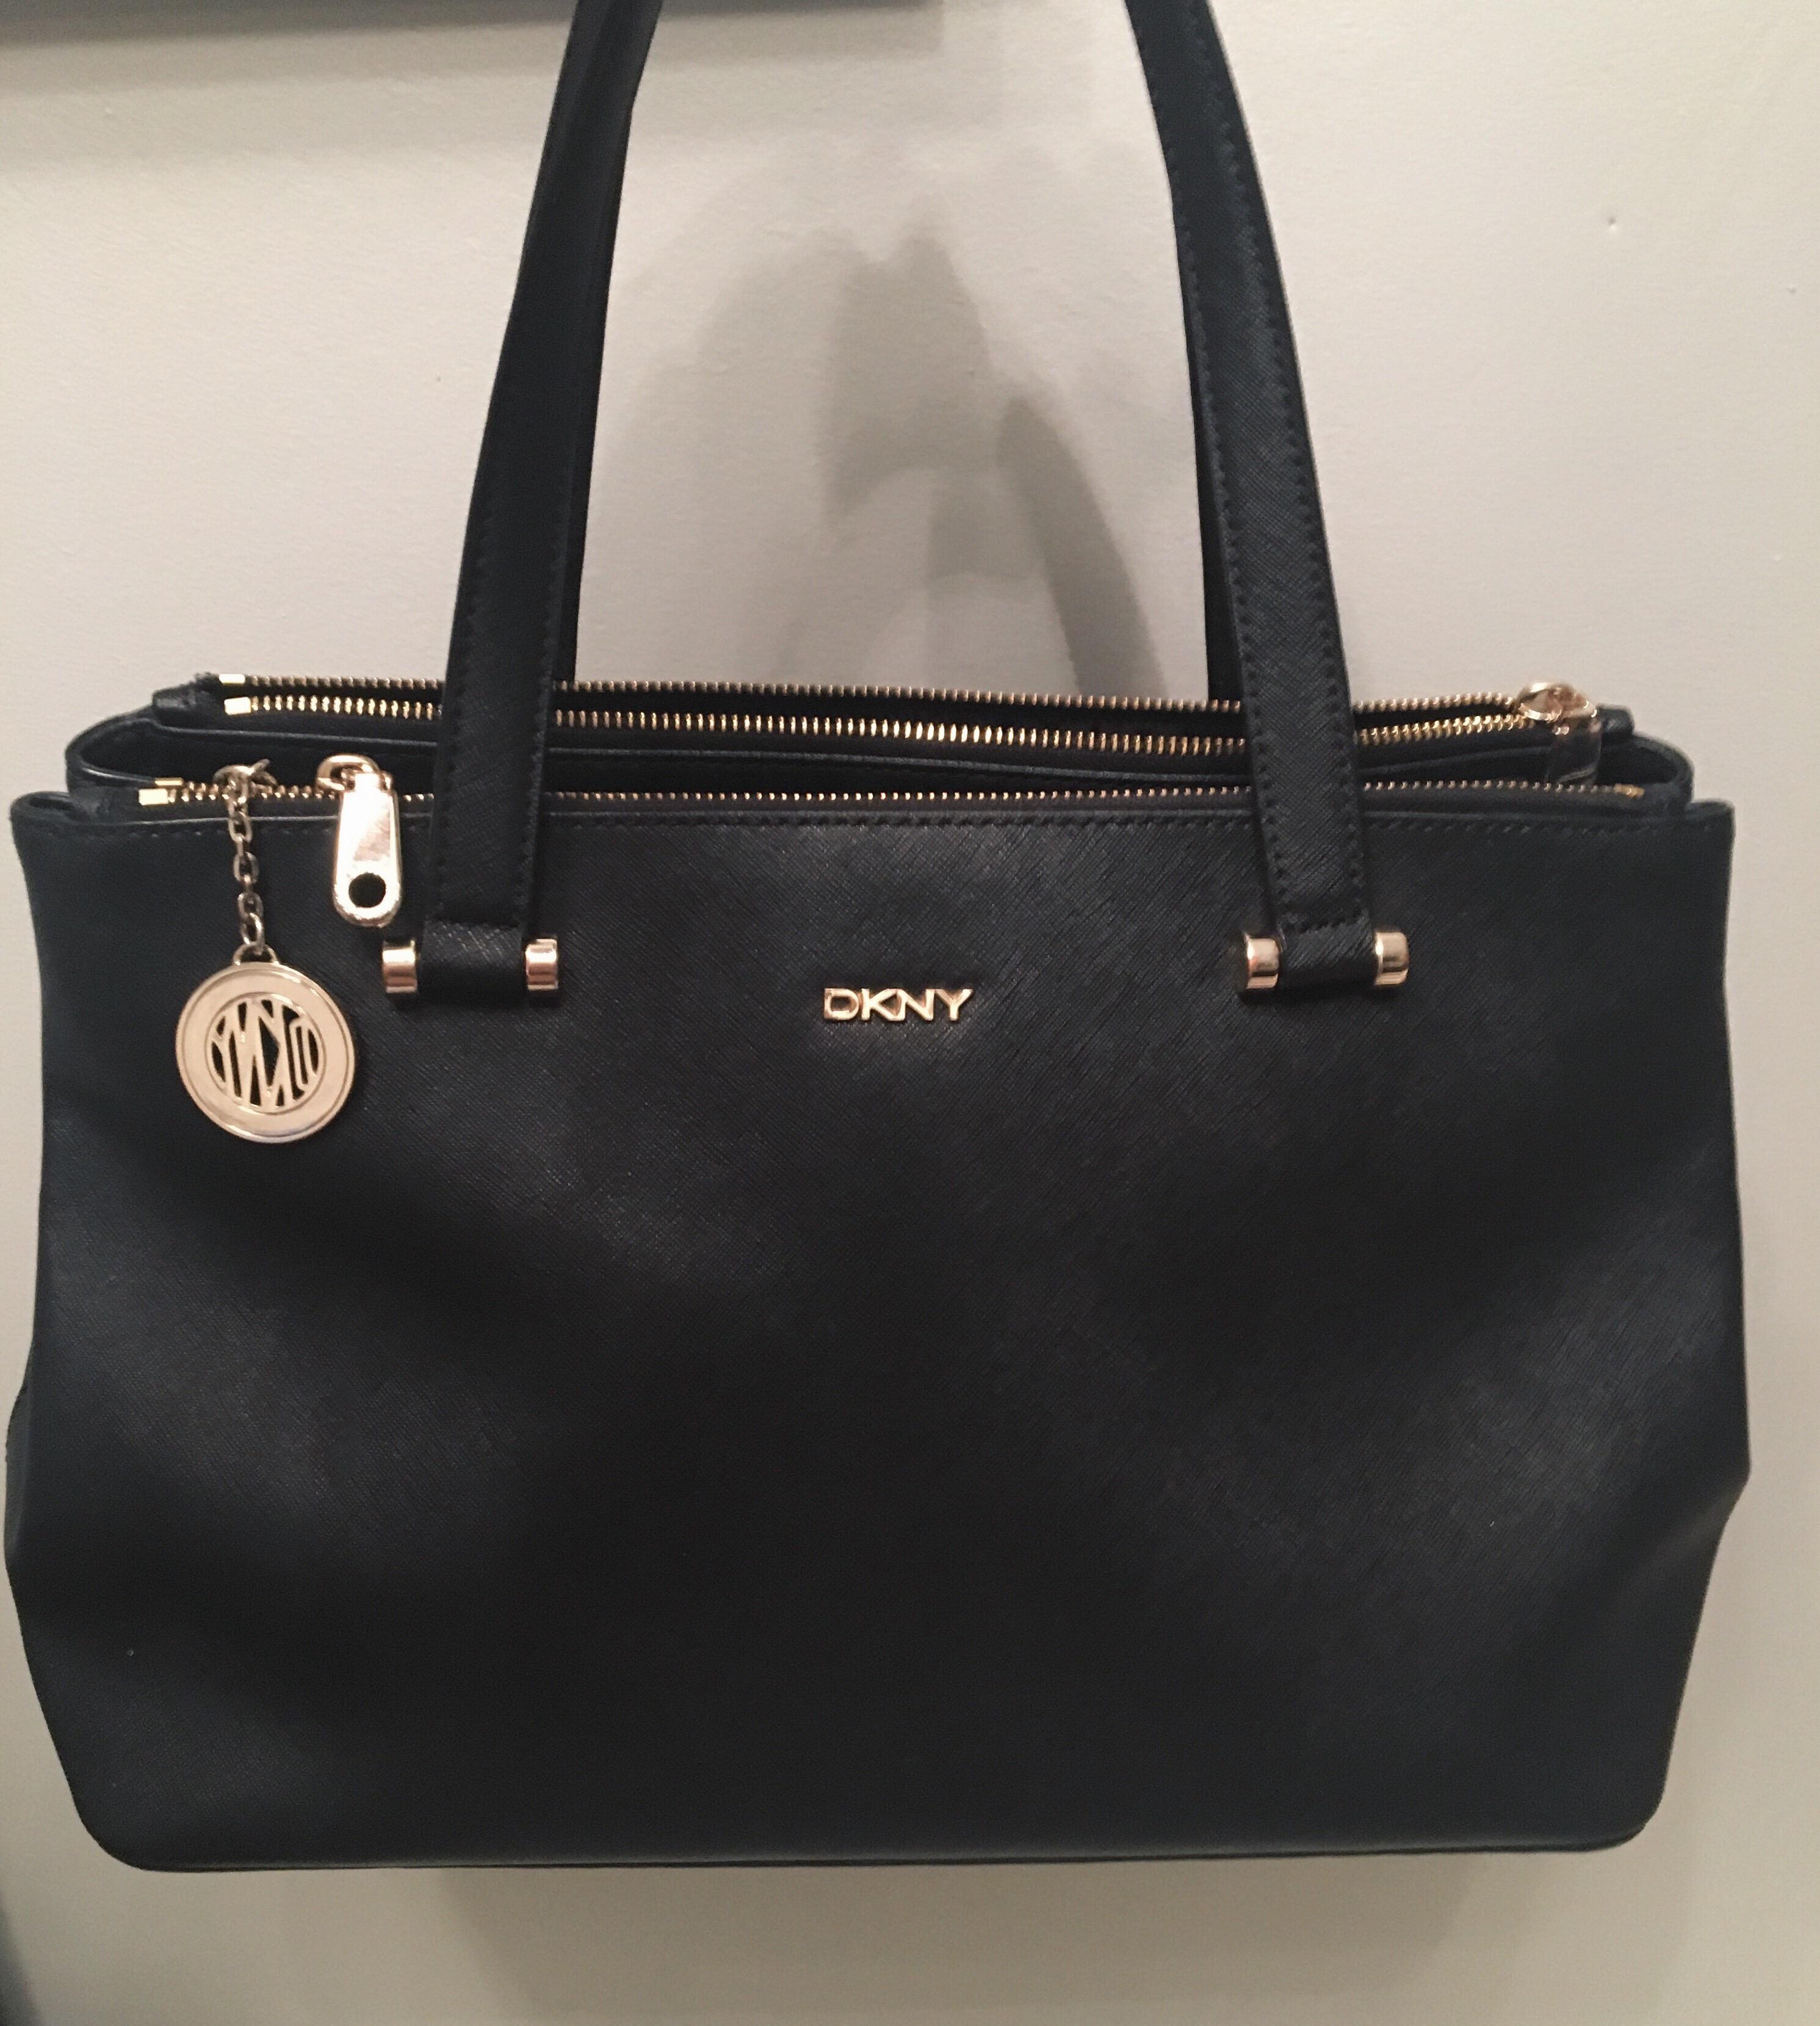 cf3c8f4127c6 Купить деловую сумку DKNY за 10500 руб. в интернет магазине - бутике ...